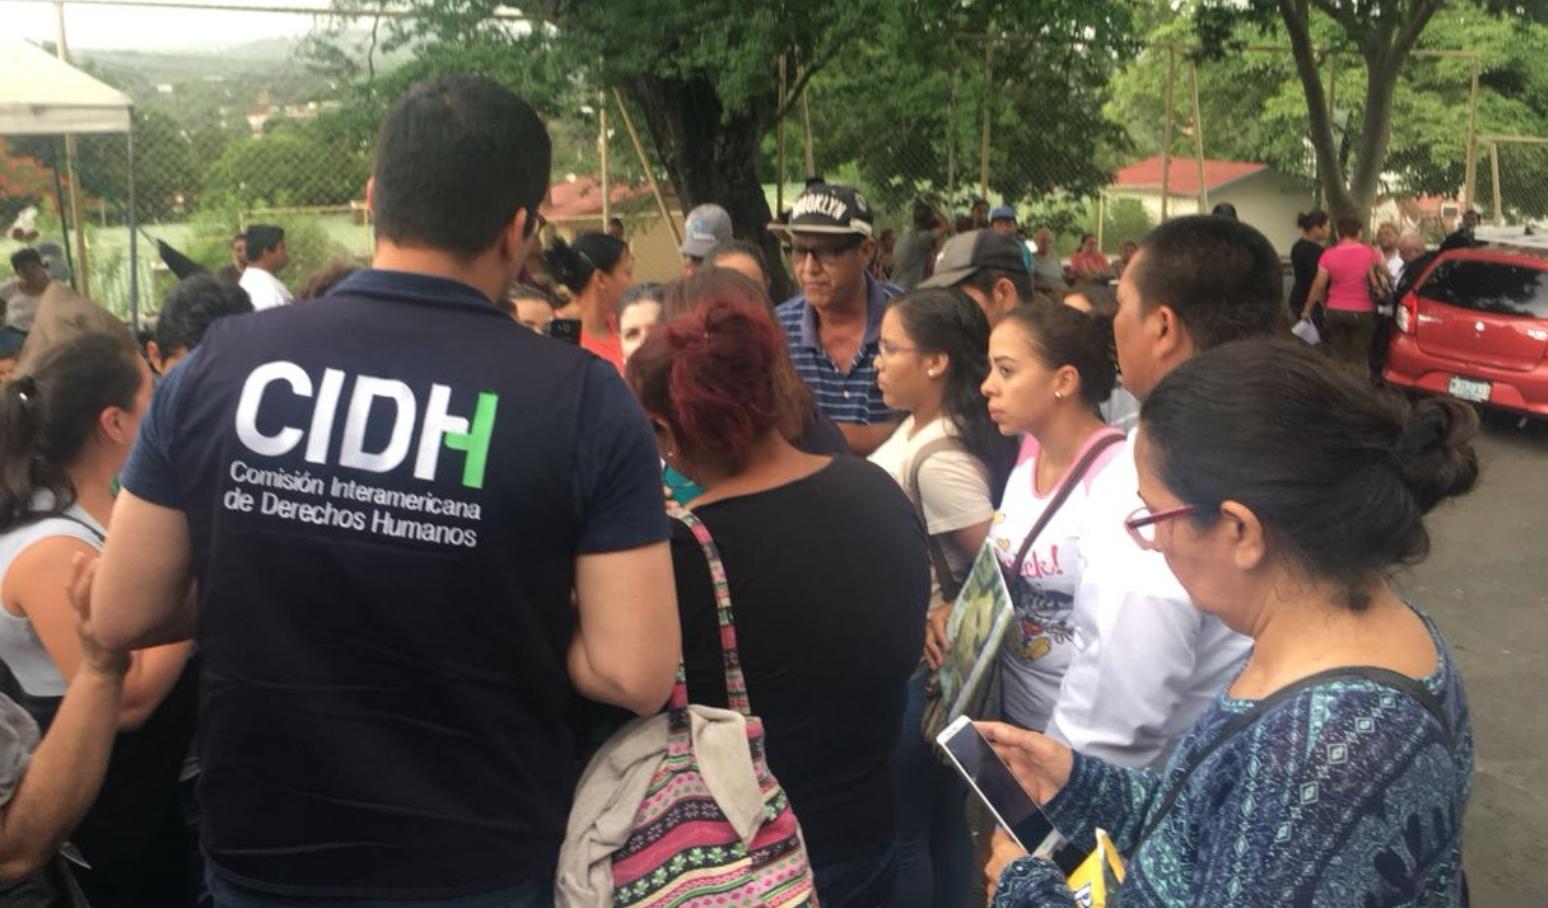 El régimen de Daniel Ortega no dejó que la CIDH entrara a El Chipote